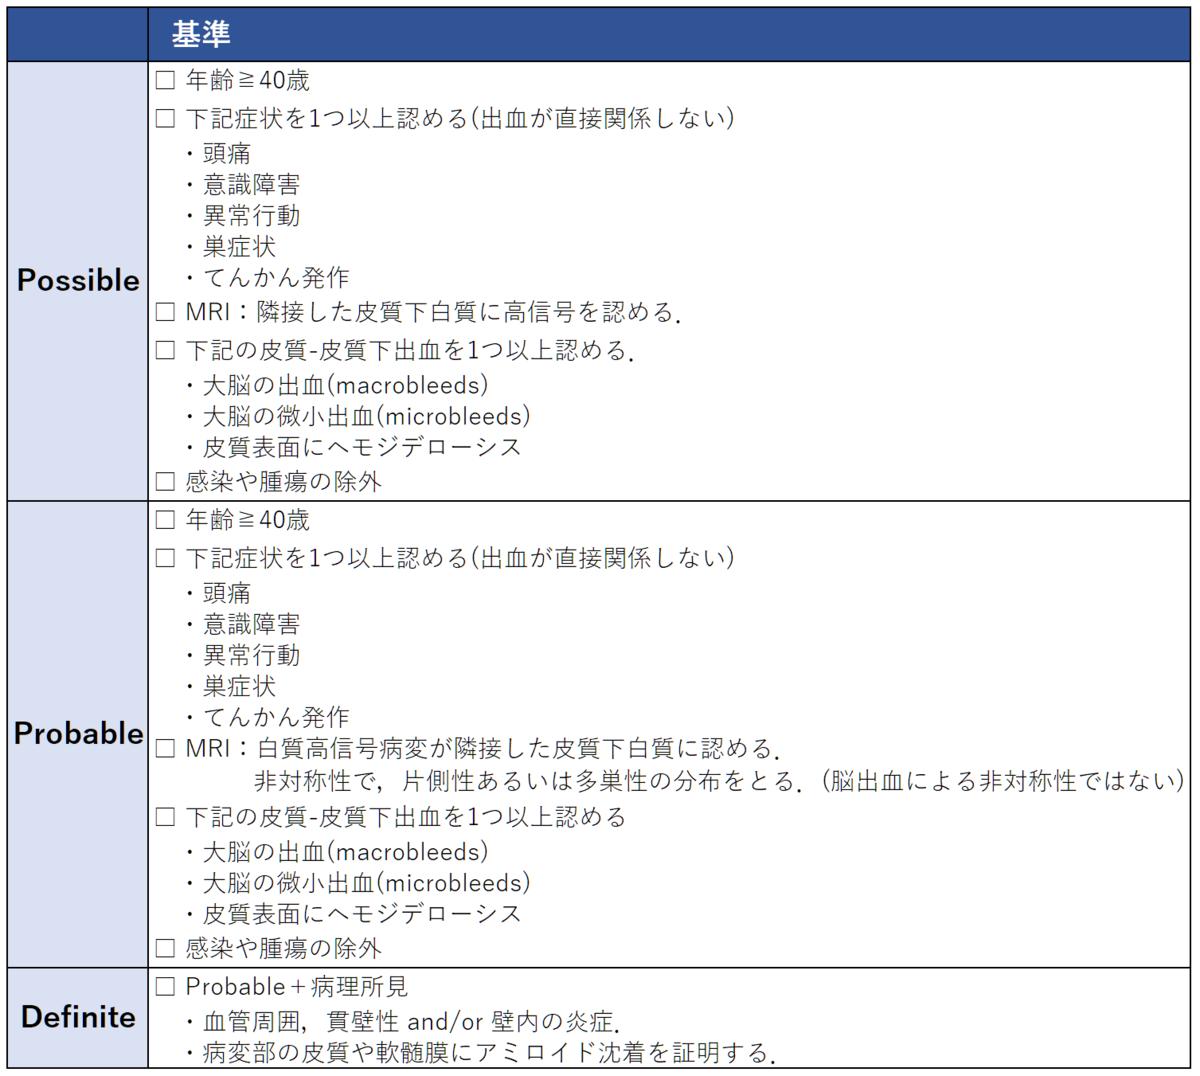 f:id:yukimukae:20191114193937p:plain